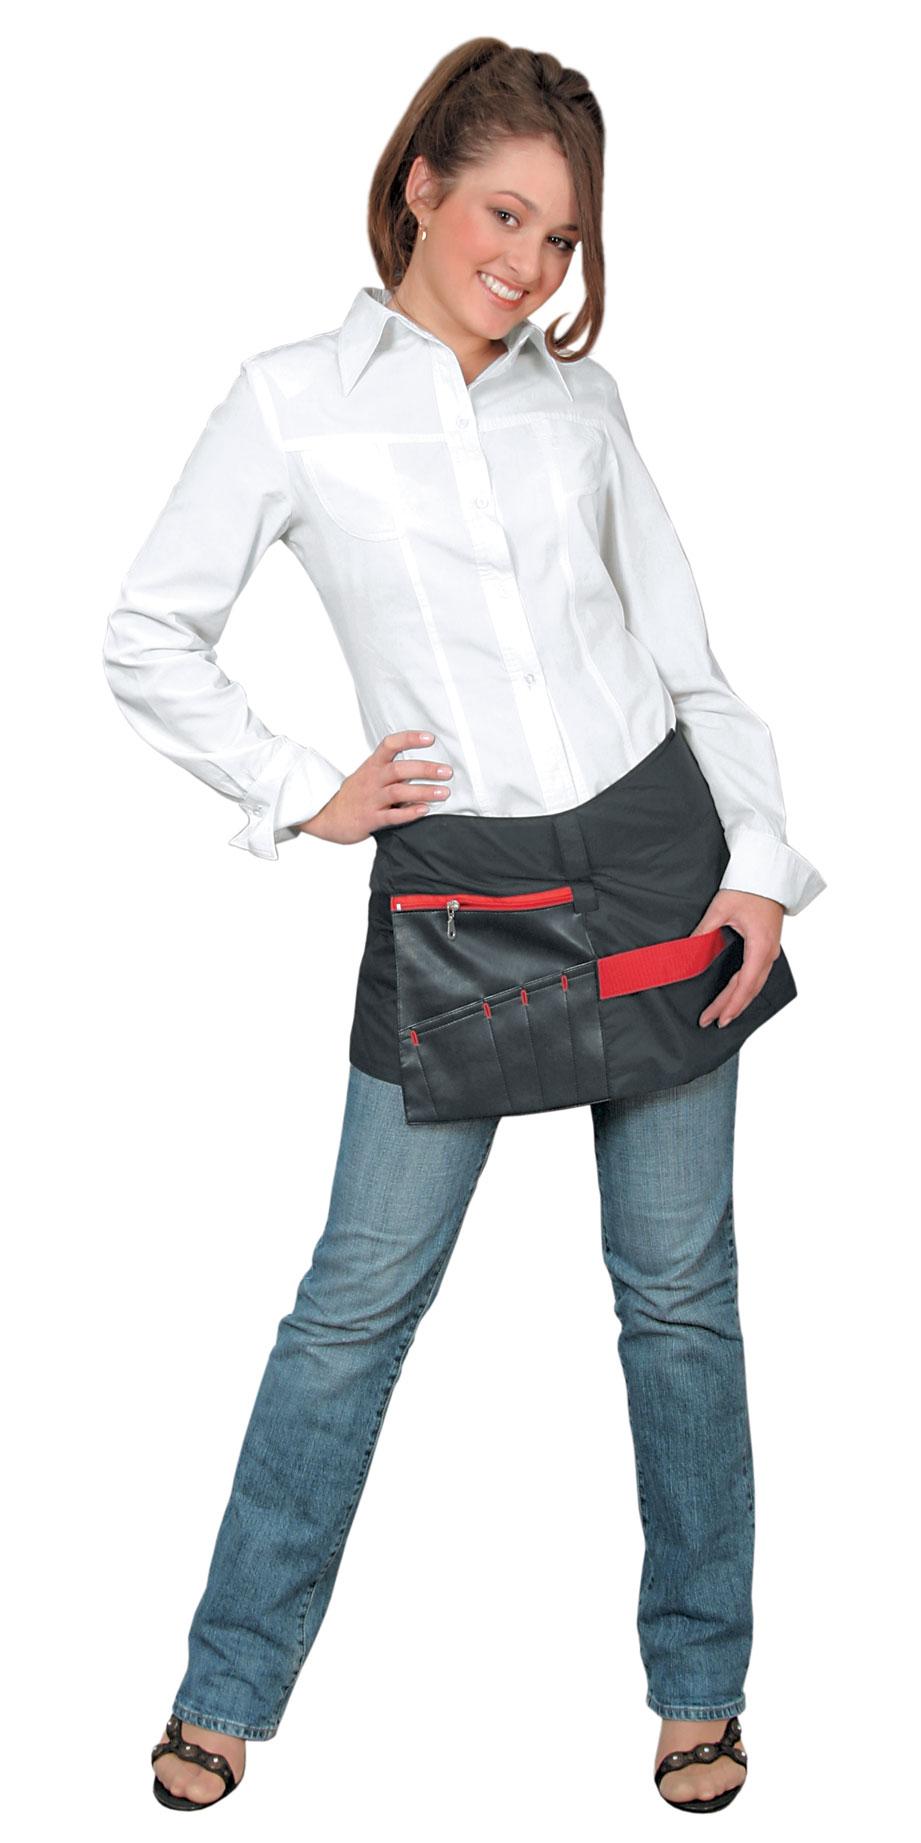 Купить DEWAL PROFESSIONAL Юбка-пояс для инструментов, нейлон, черная с красной вставкой 31х116 см